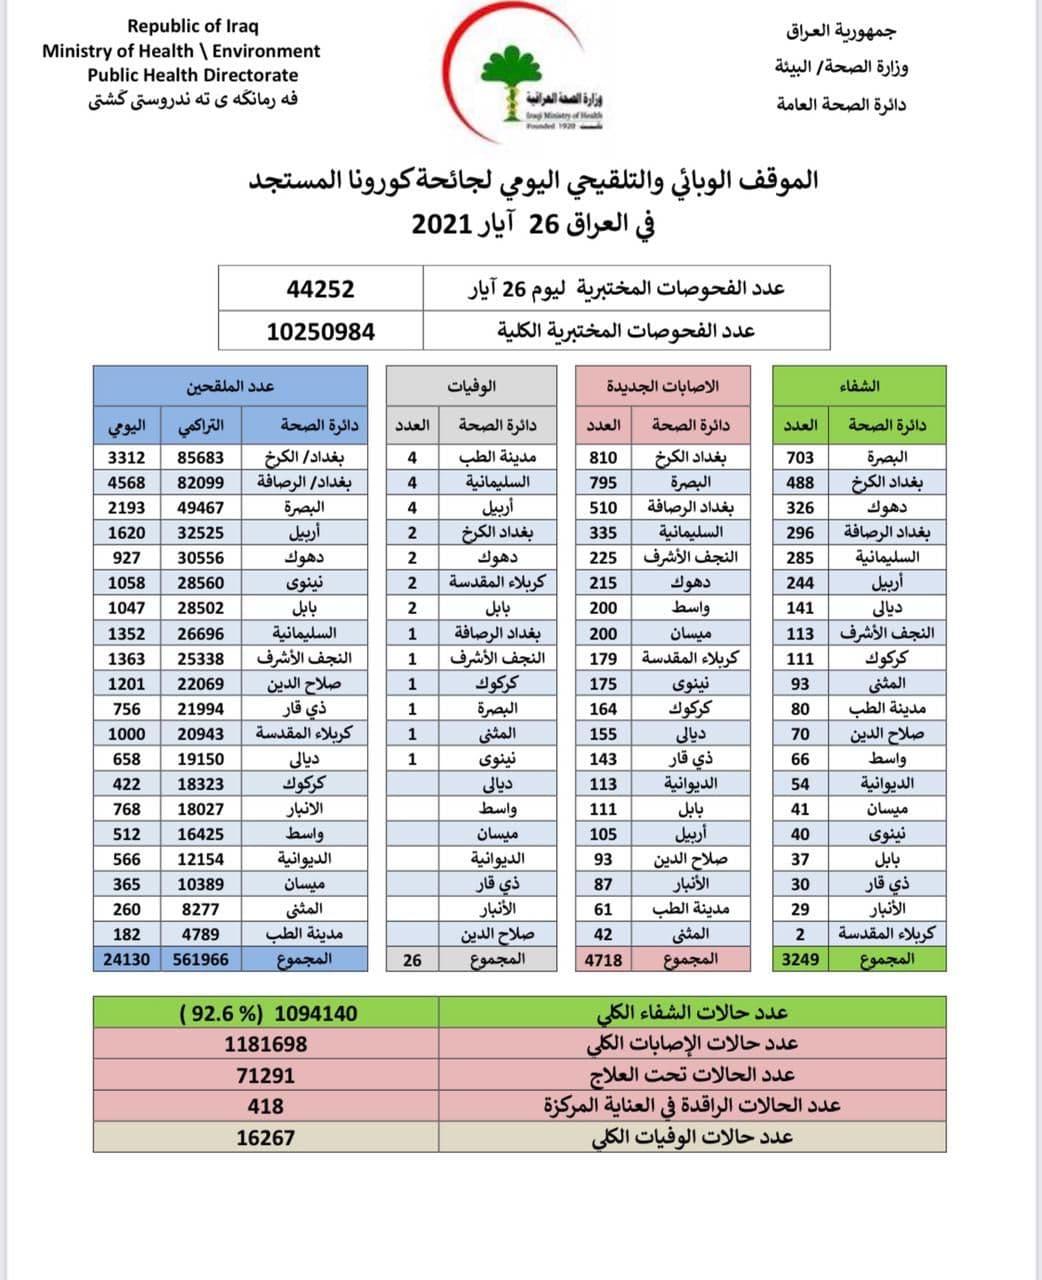 الموقف الوبائي والتلقيحي اليومي لجائحة كورونا في العراق ليوم الاربعاء الموافق 26 ايار 2021